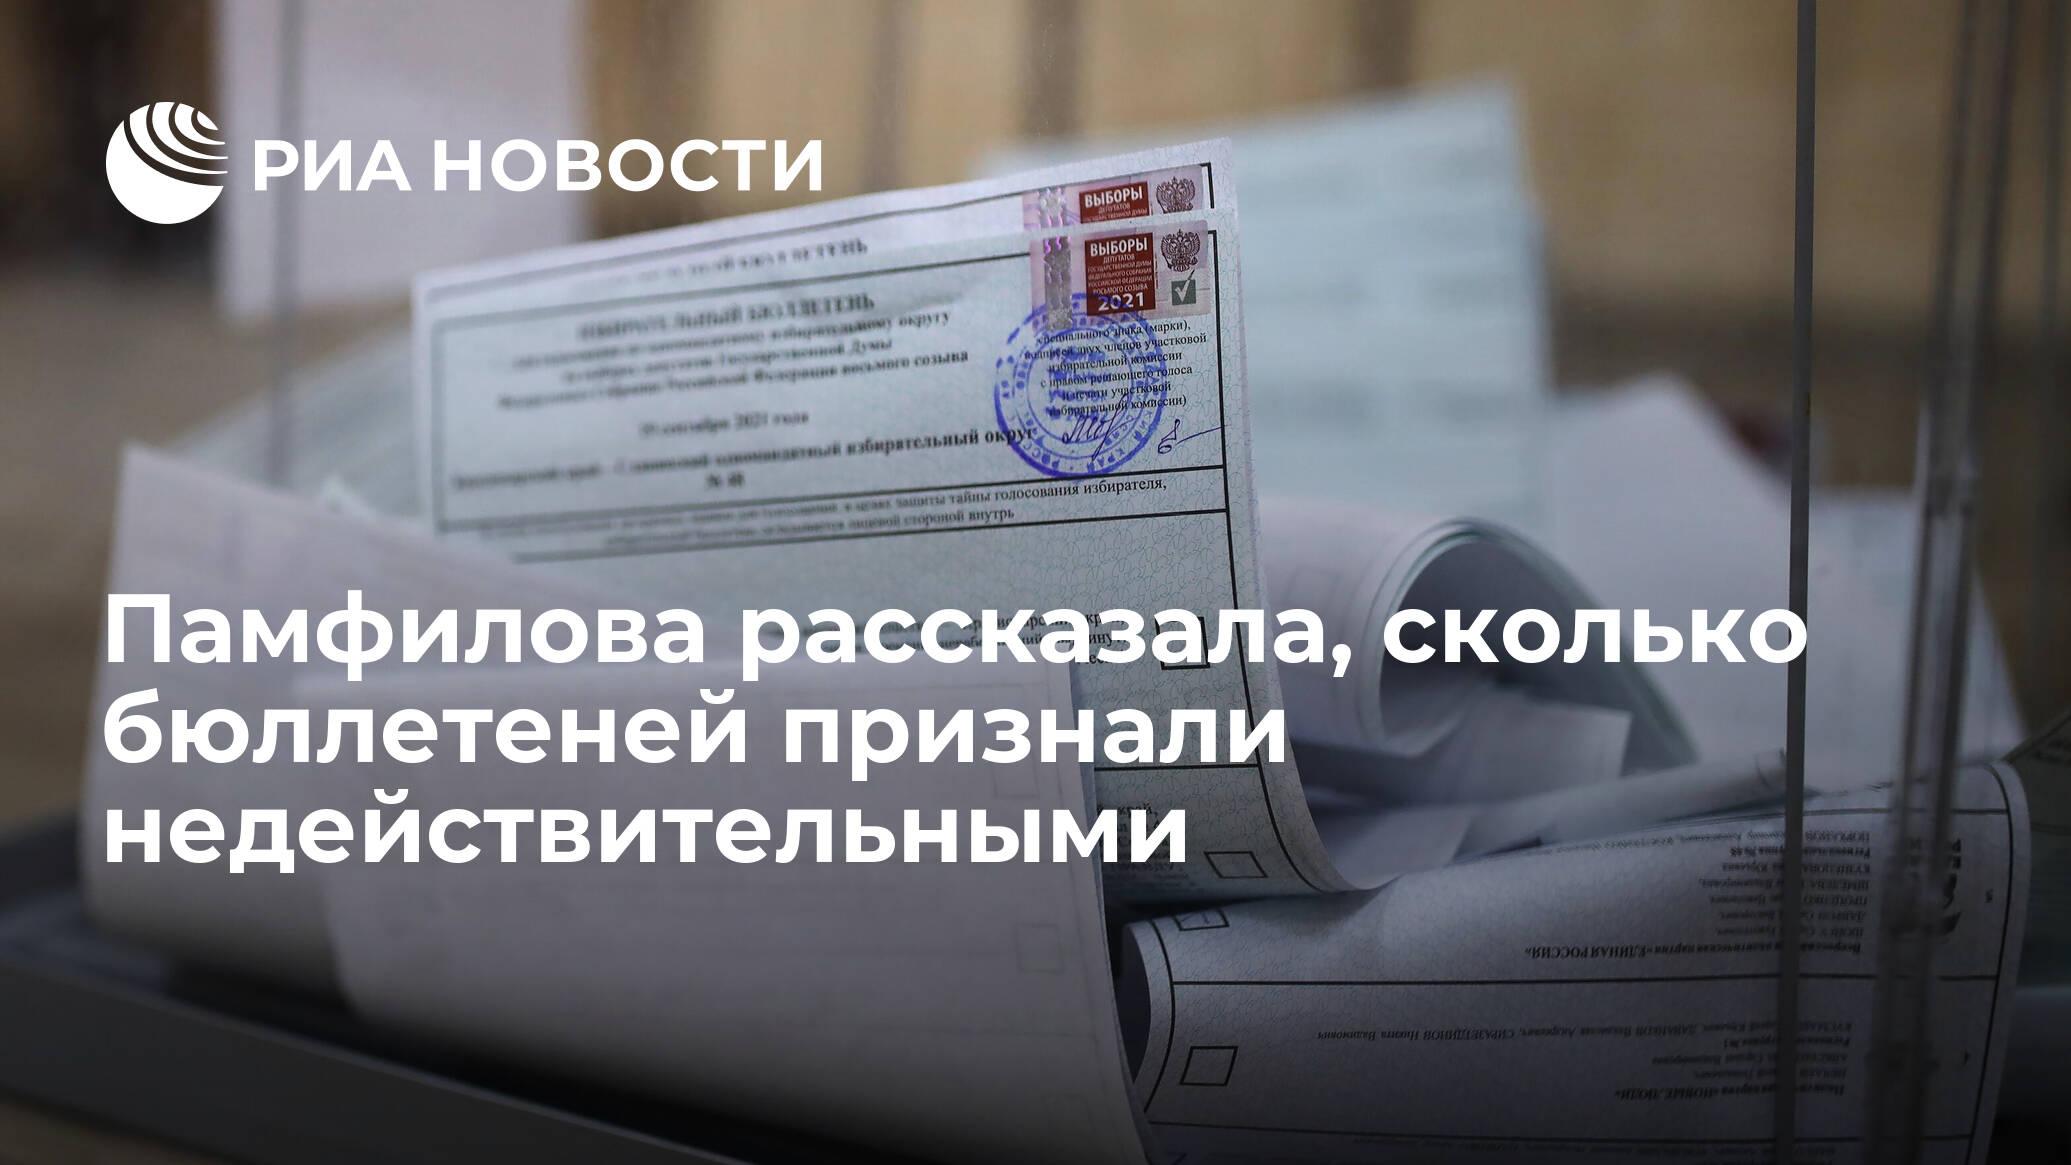 Памфилова рассказала, сколько бюллетеней признали недействительными